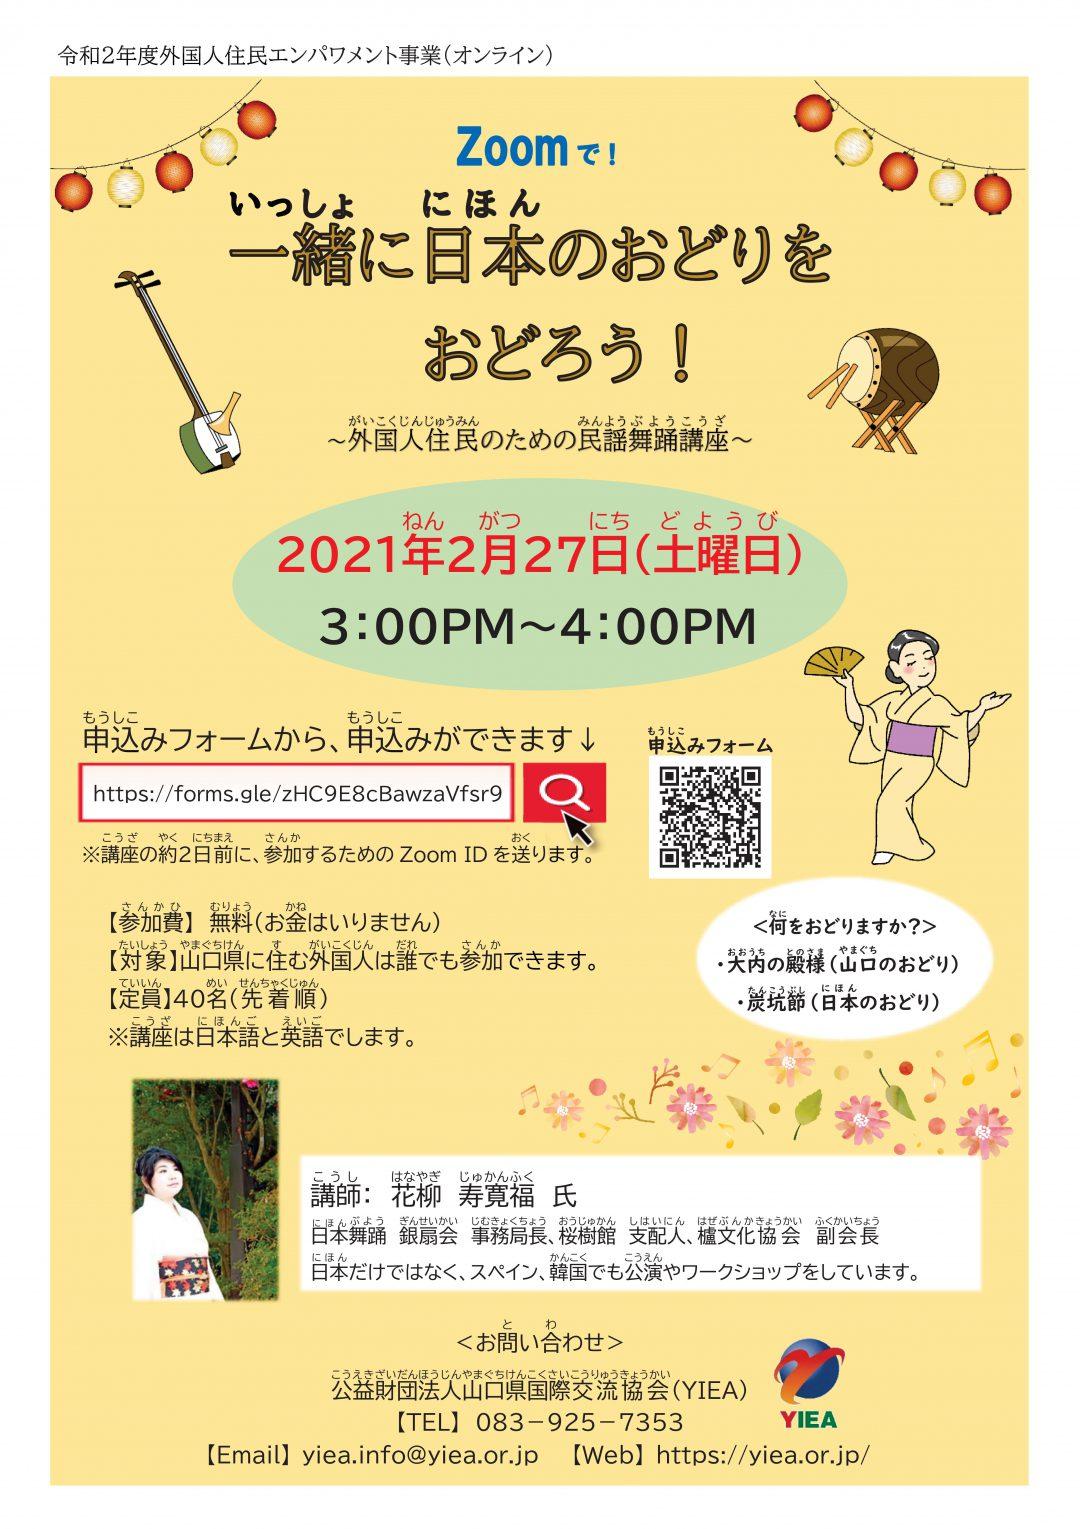 画像:【外国人(がいこくじん)の みなさんへ】一緒(いっしょ)に 日本(にほん)の おどりを おどりませんか?/Online Japanese Bon Dance Workshop for Foreign Nationals